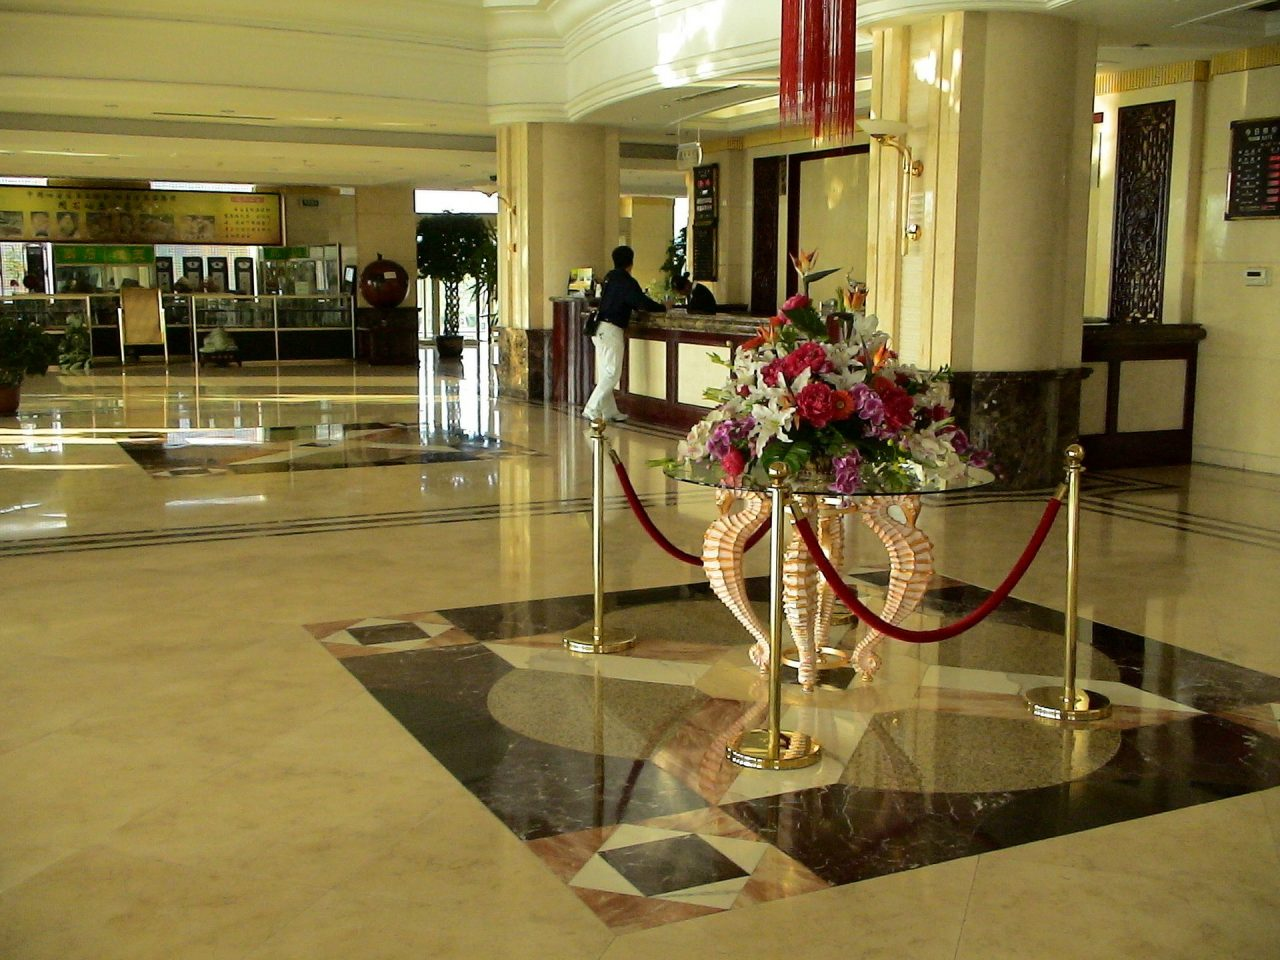 Η σύγχρονη ξενοδοχειακή τεχνολογία στην υπηρεσία των πελατών για εξατομικευμένη εμπειρία φιλοξενίας